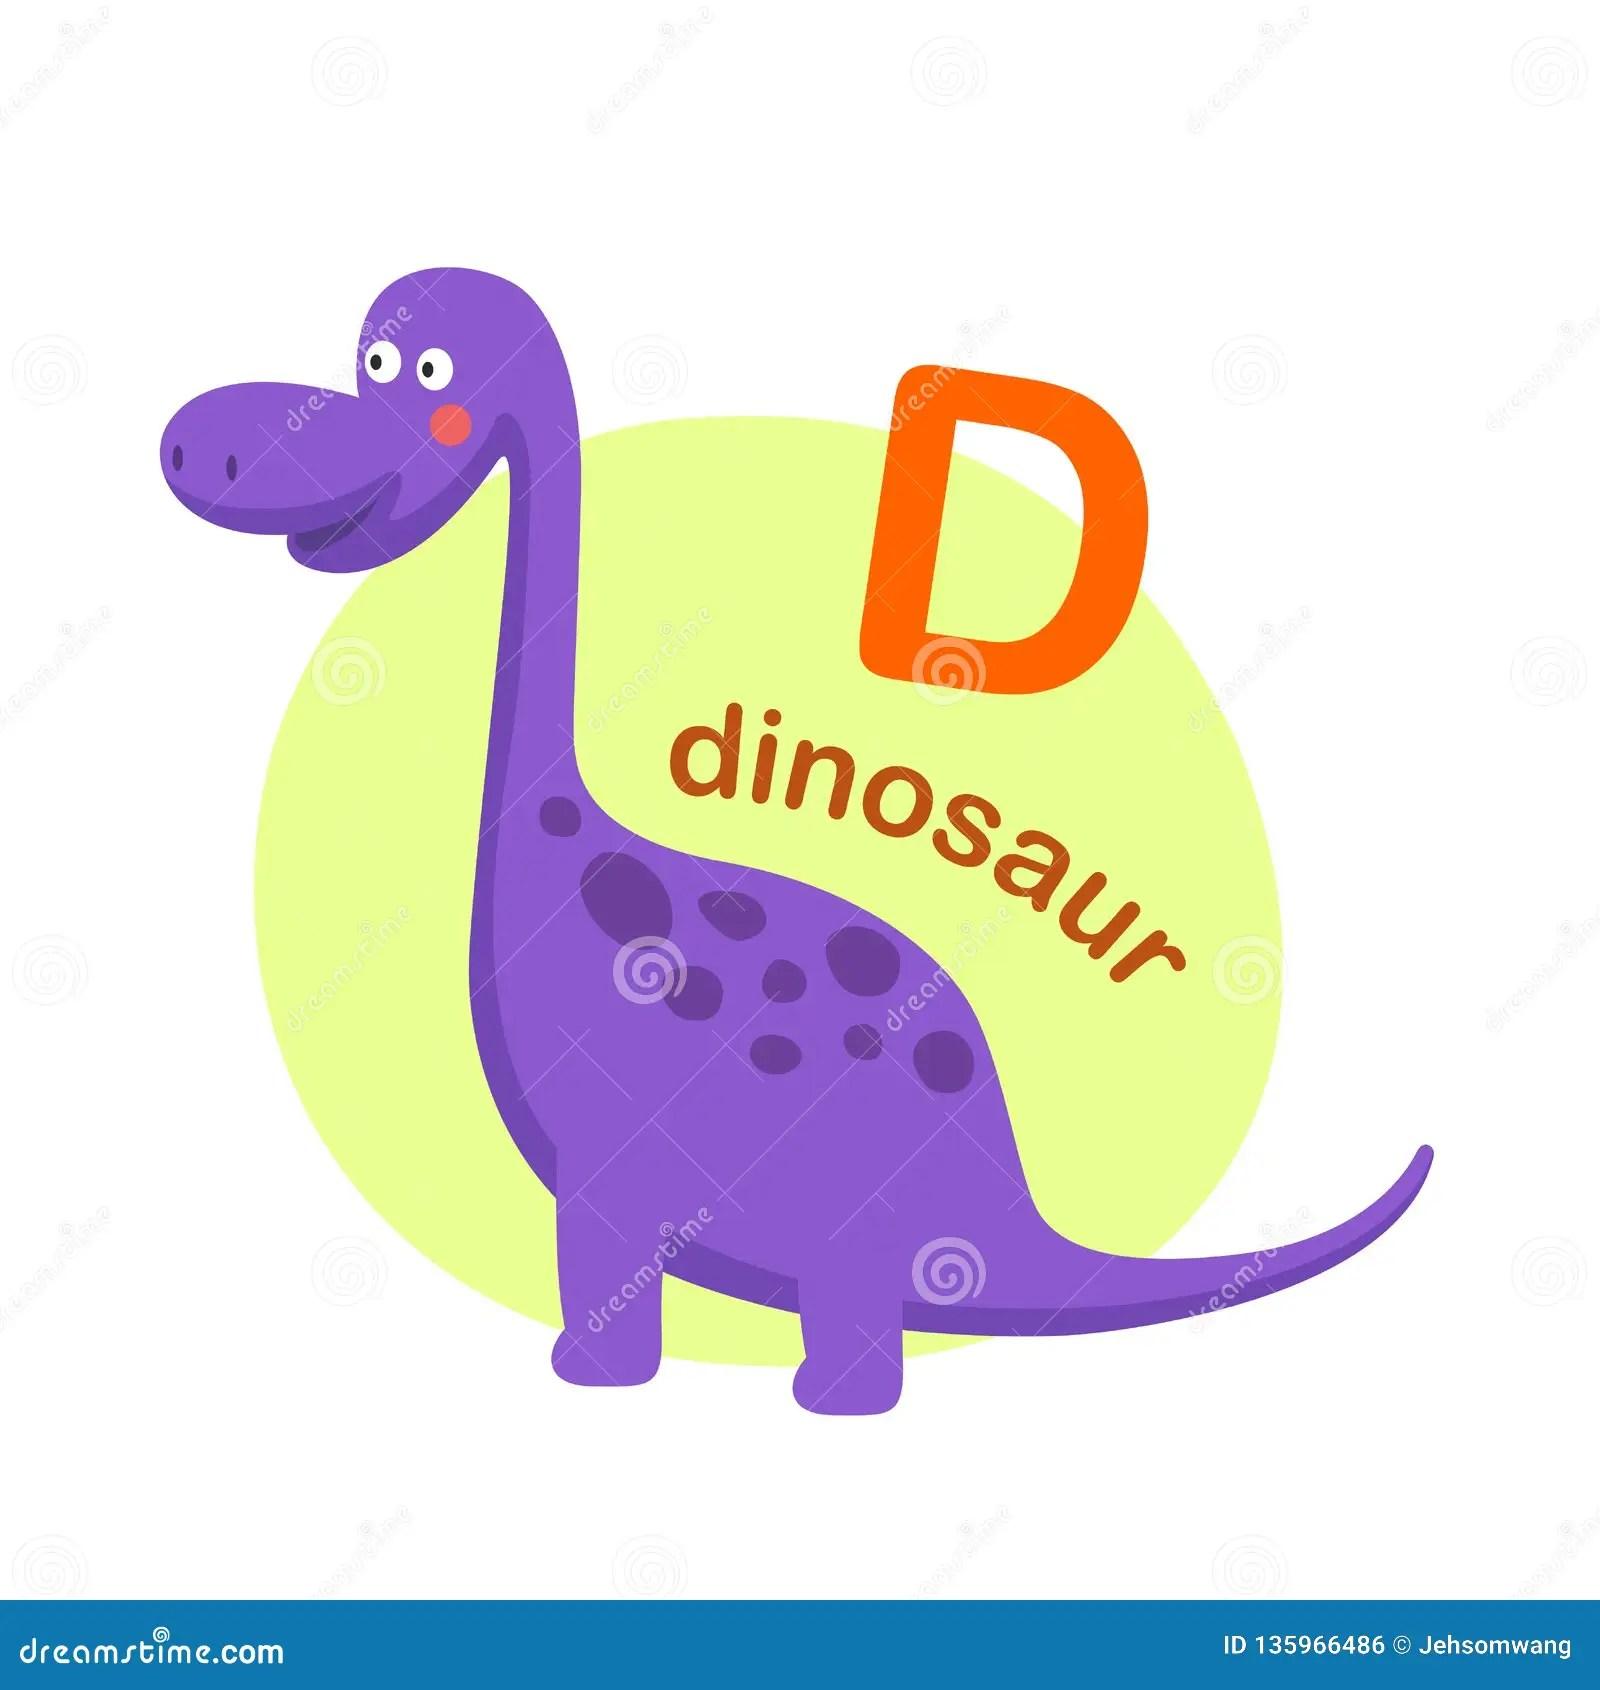 Illustration Isolated Alphabet Letter D Dinosaur Stock